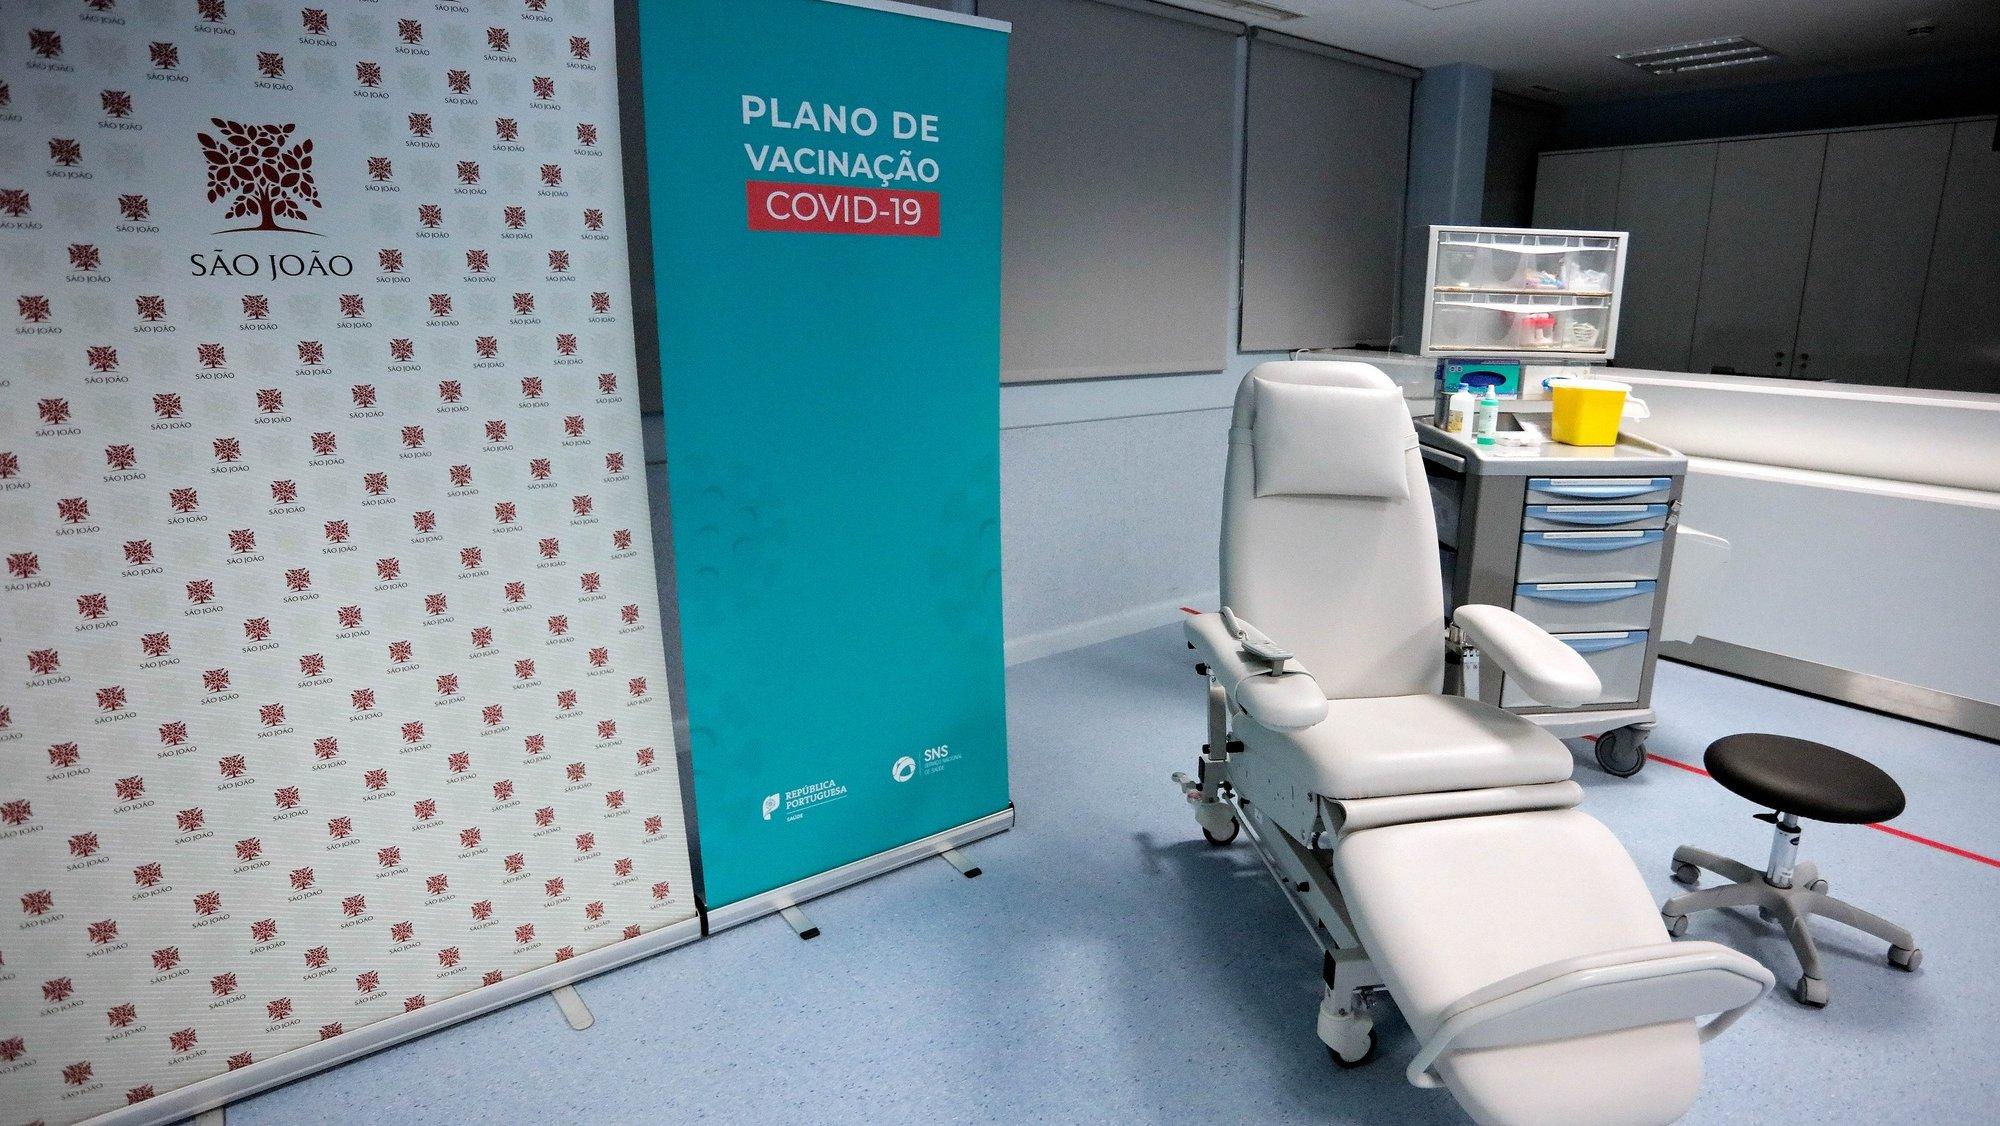 Posto de vacinação do Hospital de São João, Porto, 26 de dezembro de 2020, A campanha de vacinação contra a covid-19 arranca no domingo em Portugal, à semelhança de outros países da União Europeia, a vacina é facultativa, gratuita e universal, sendo assegurada pelo SNS. MANUEL FERNANDO ARAÚJO/LUSA